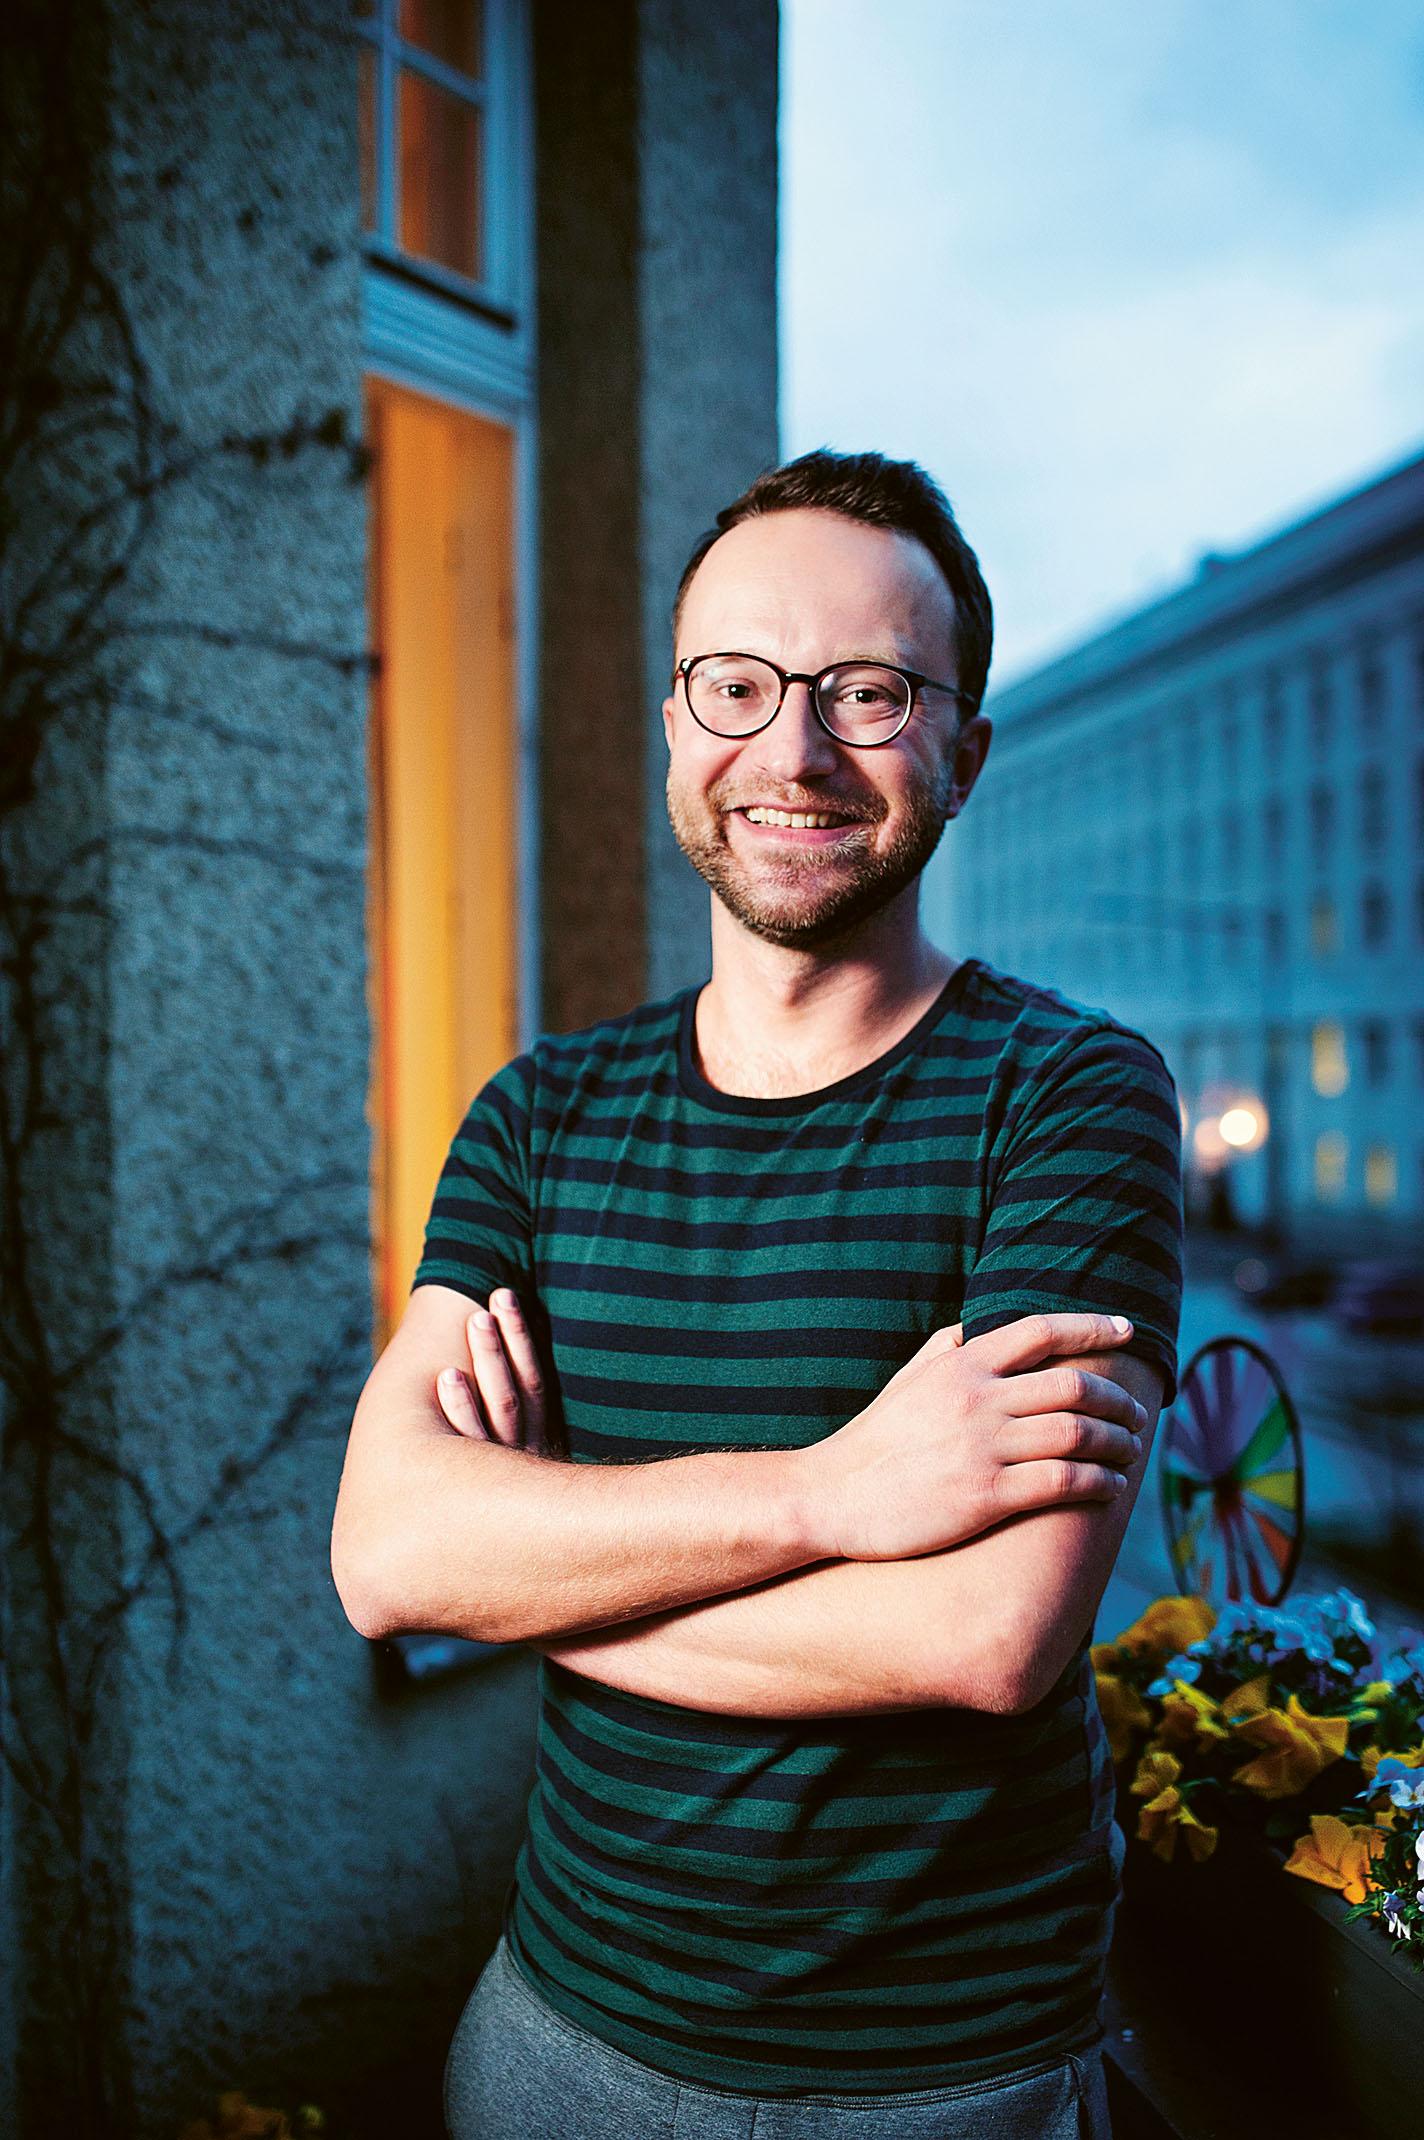 Piotr Godzisz. Bild: Mattias Lundblad.